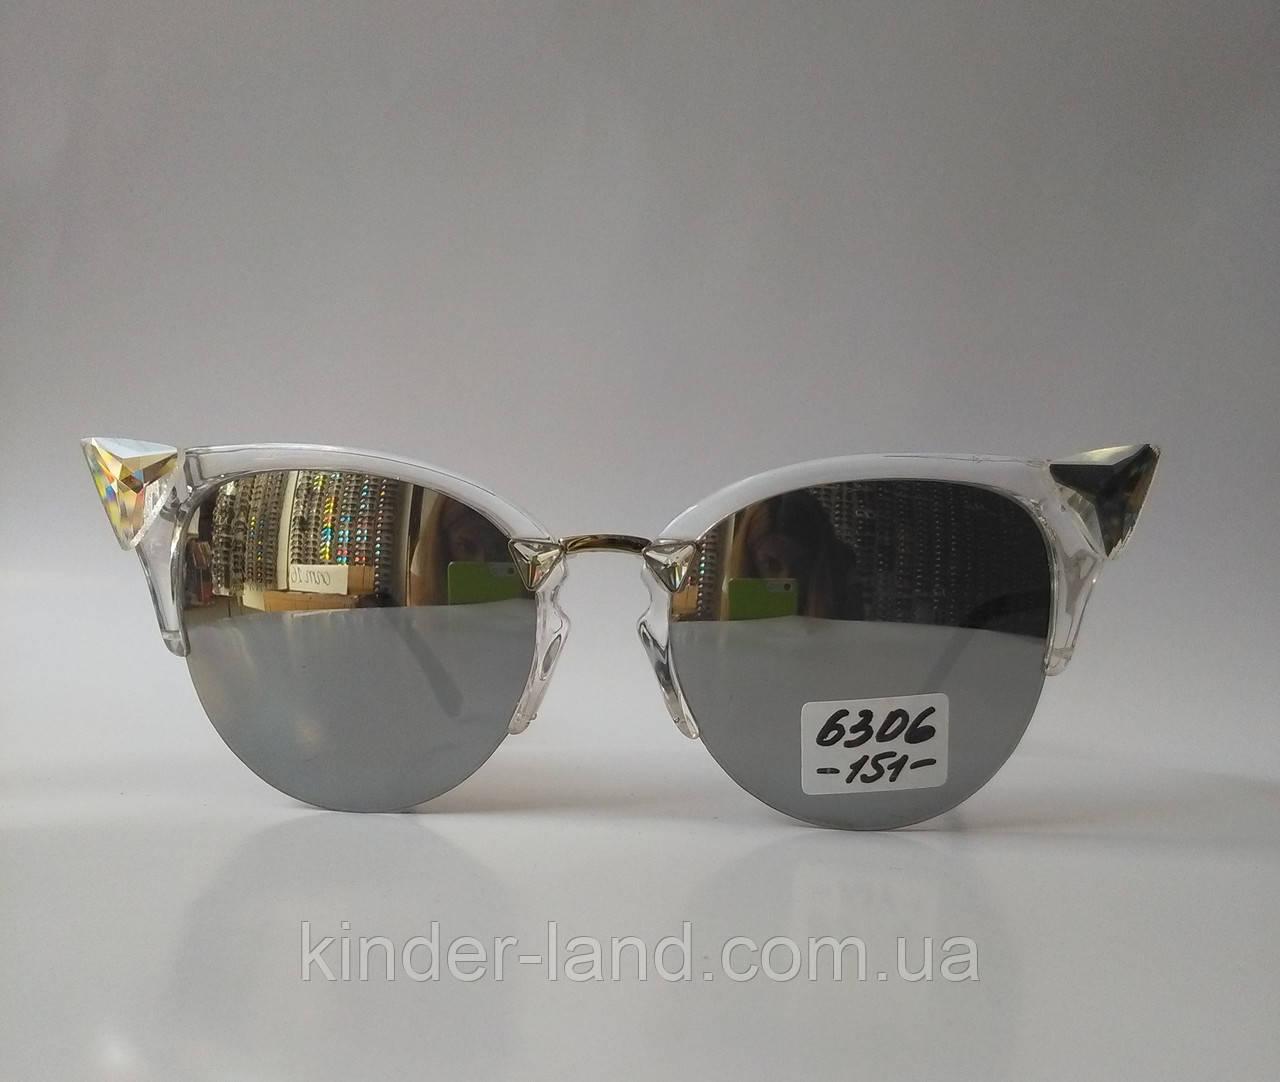 1a99443ba85d Солнцезащитные очки Fendi с зеркальным напылением - Интернет-магазин